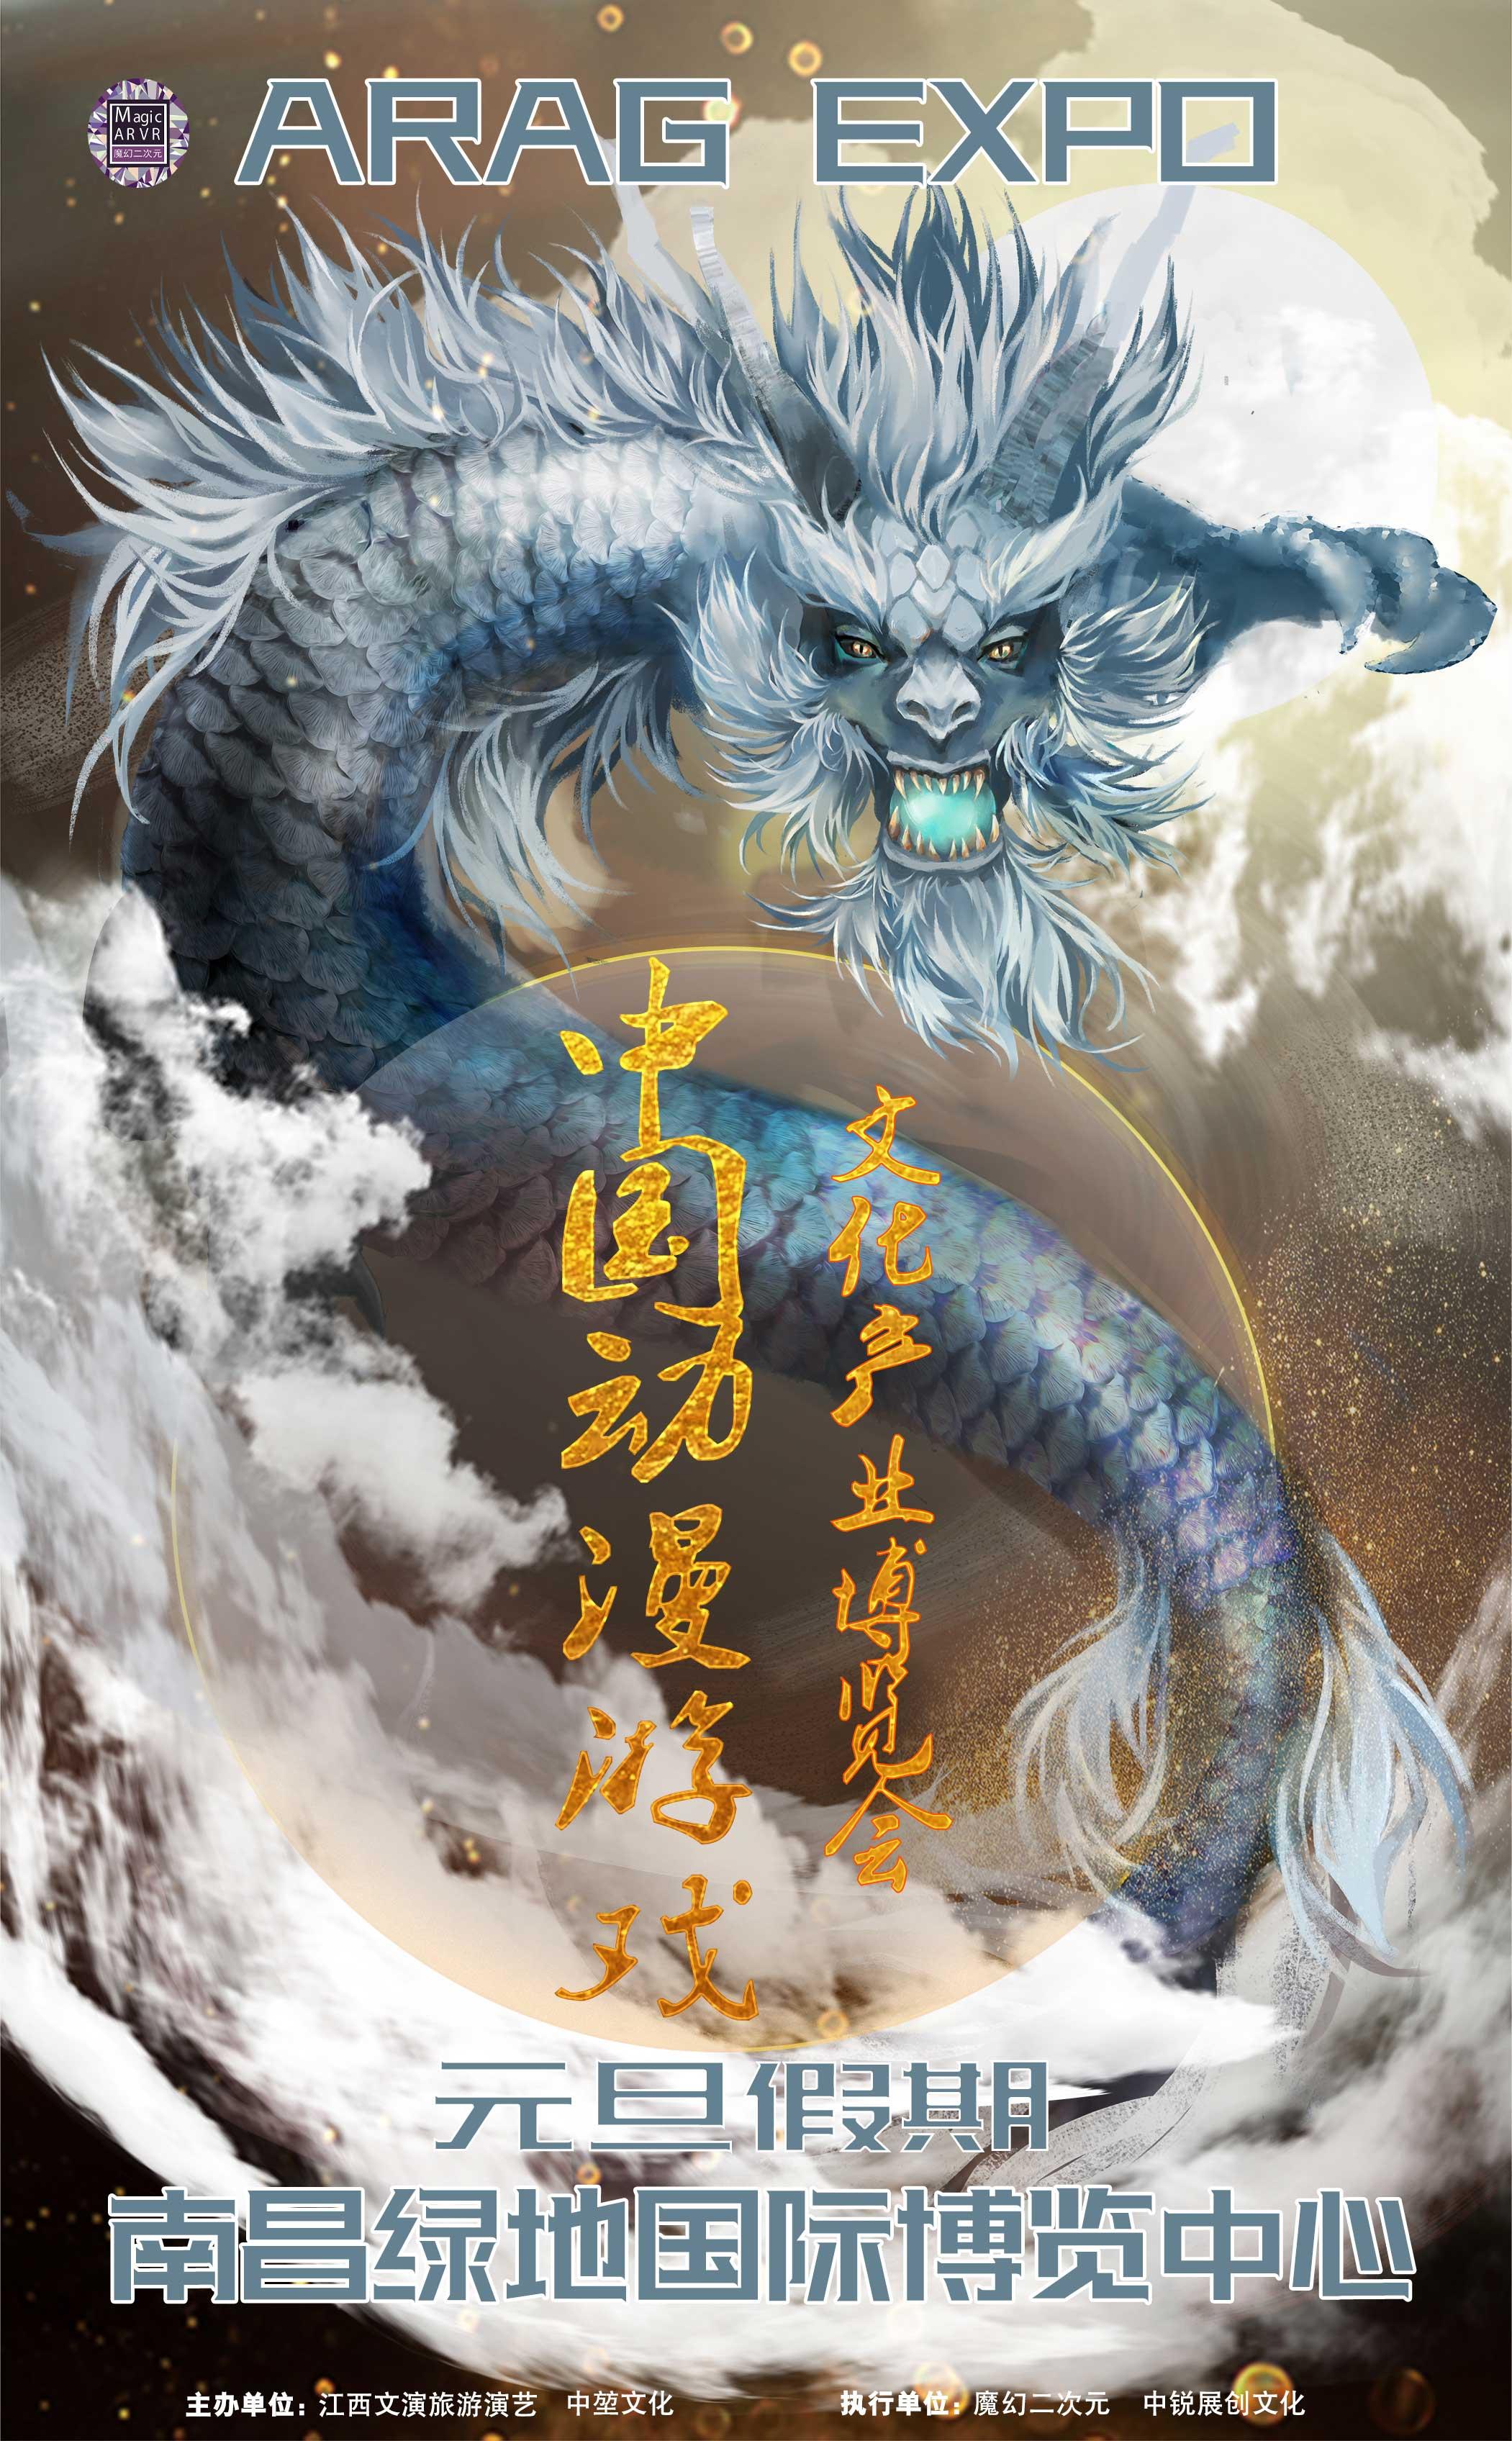 本次魔幻二次元将于元旦在南昌举办中国动漫游戏文化产业博览会,万众期待的超豪华嘉宾阵容,今天...